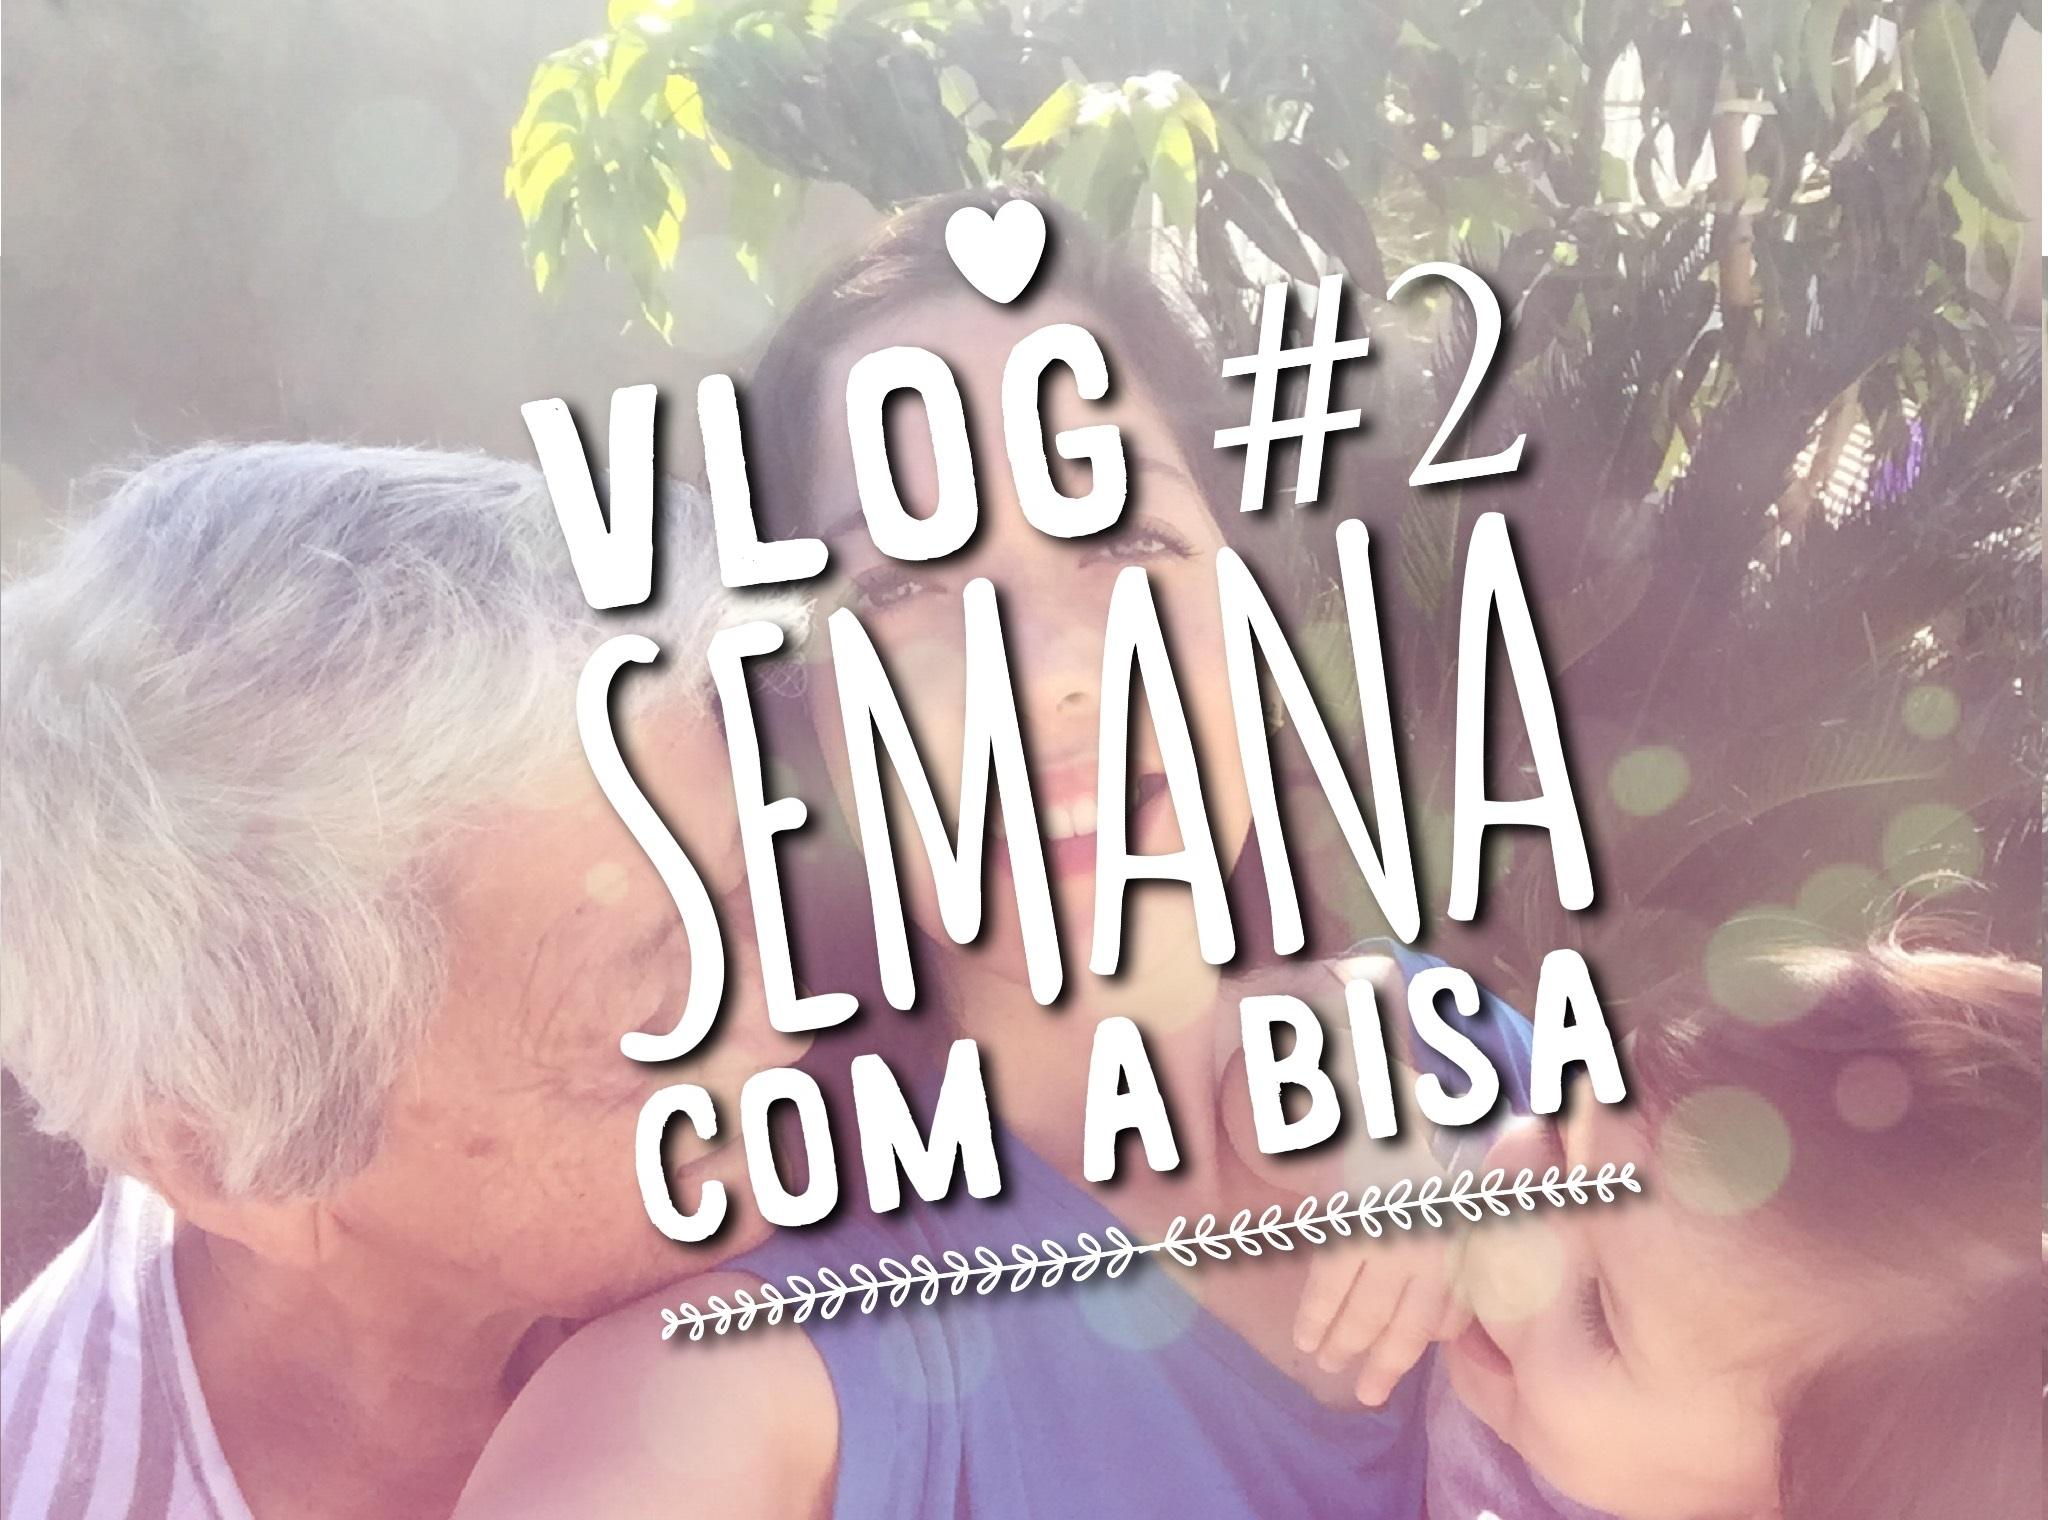 Vlog #2: Semana com a Bisa